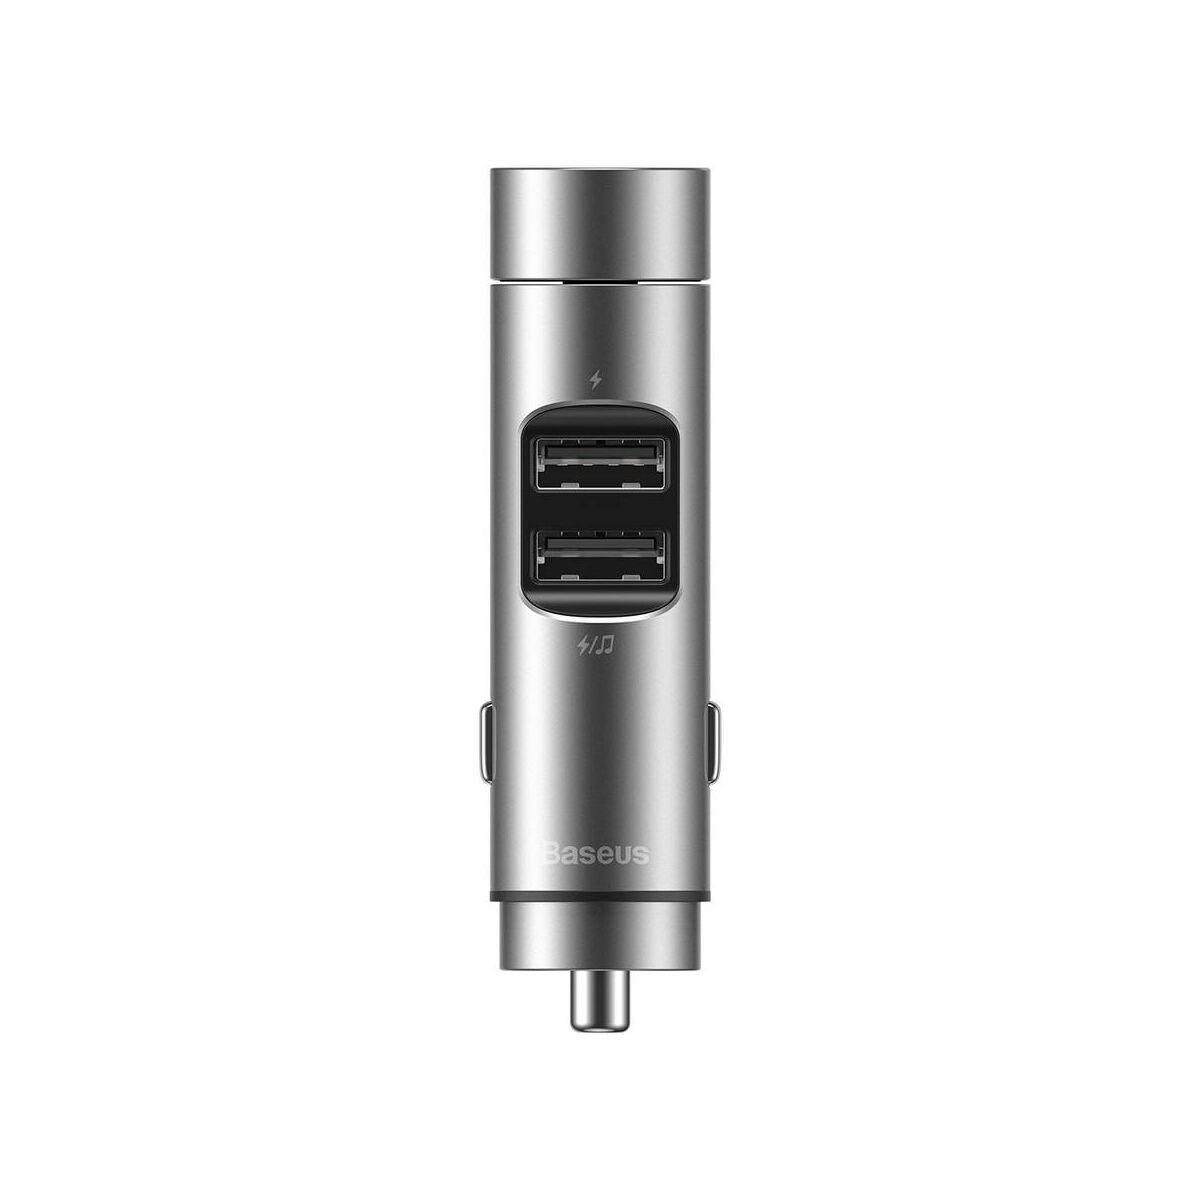 Baseus autós töltő, Bluetooth Fm Transzmitter Energy Column MP3 (BT 5.0+5V 3.1A), ezüst (CCNLZ-0S)